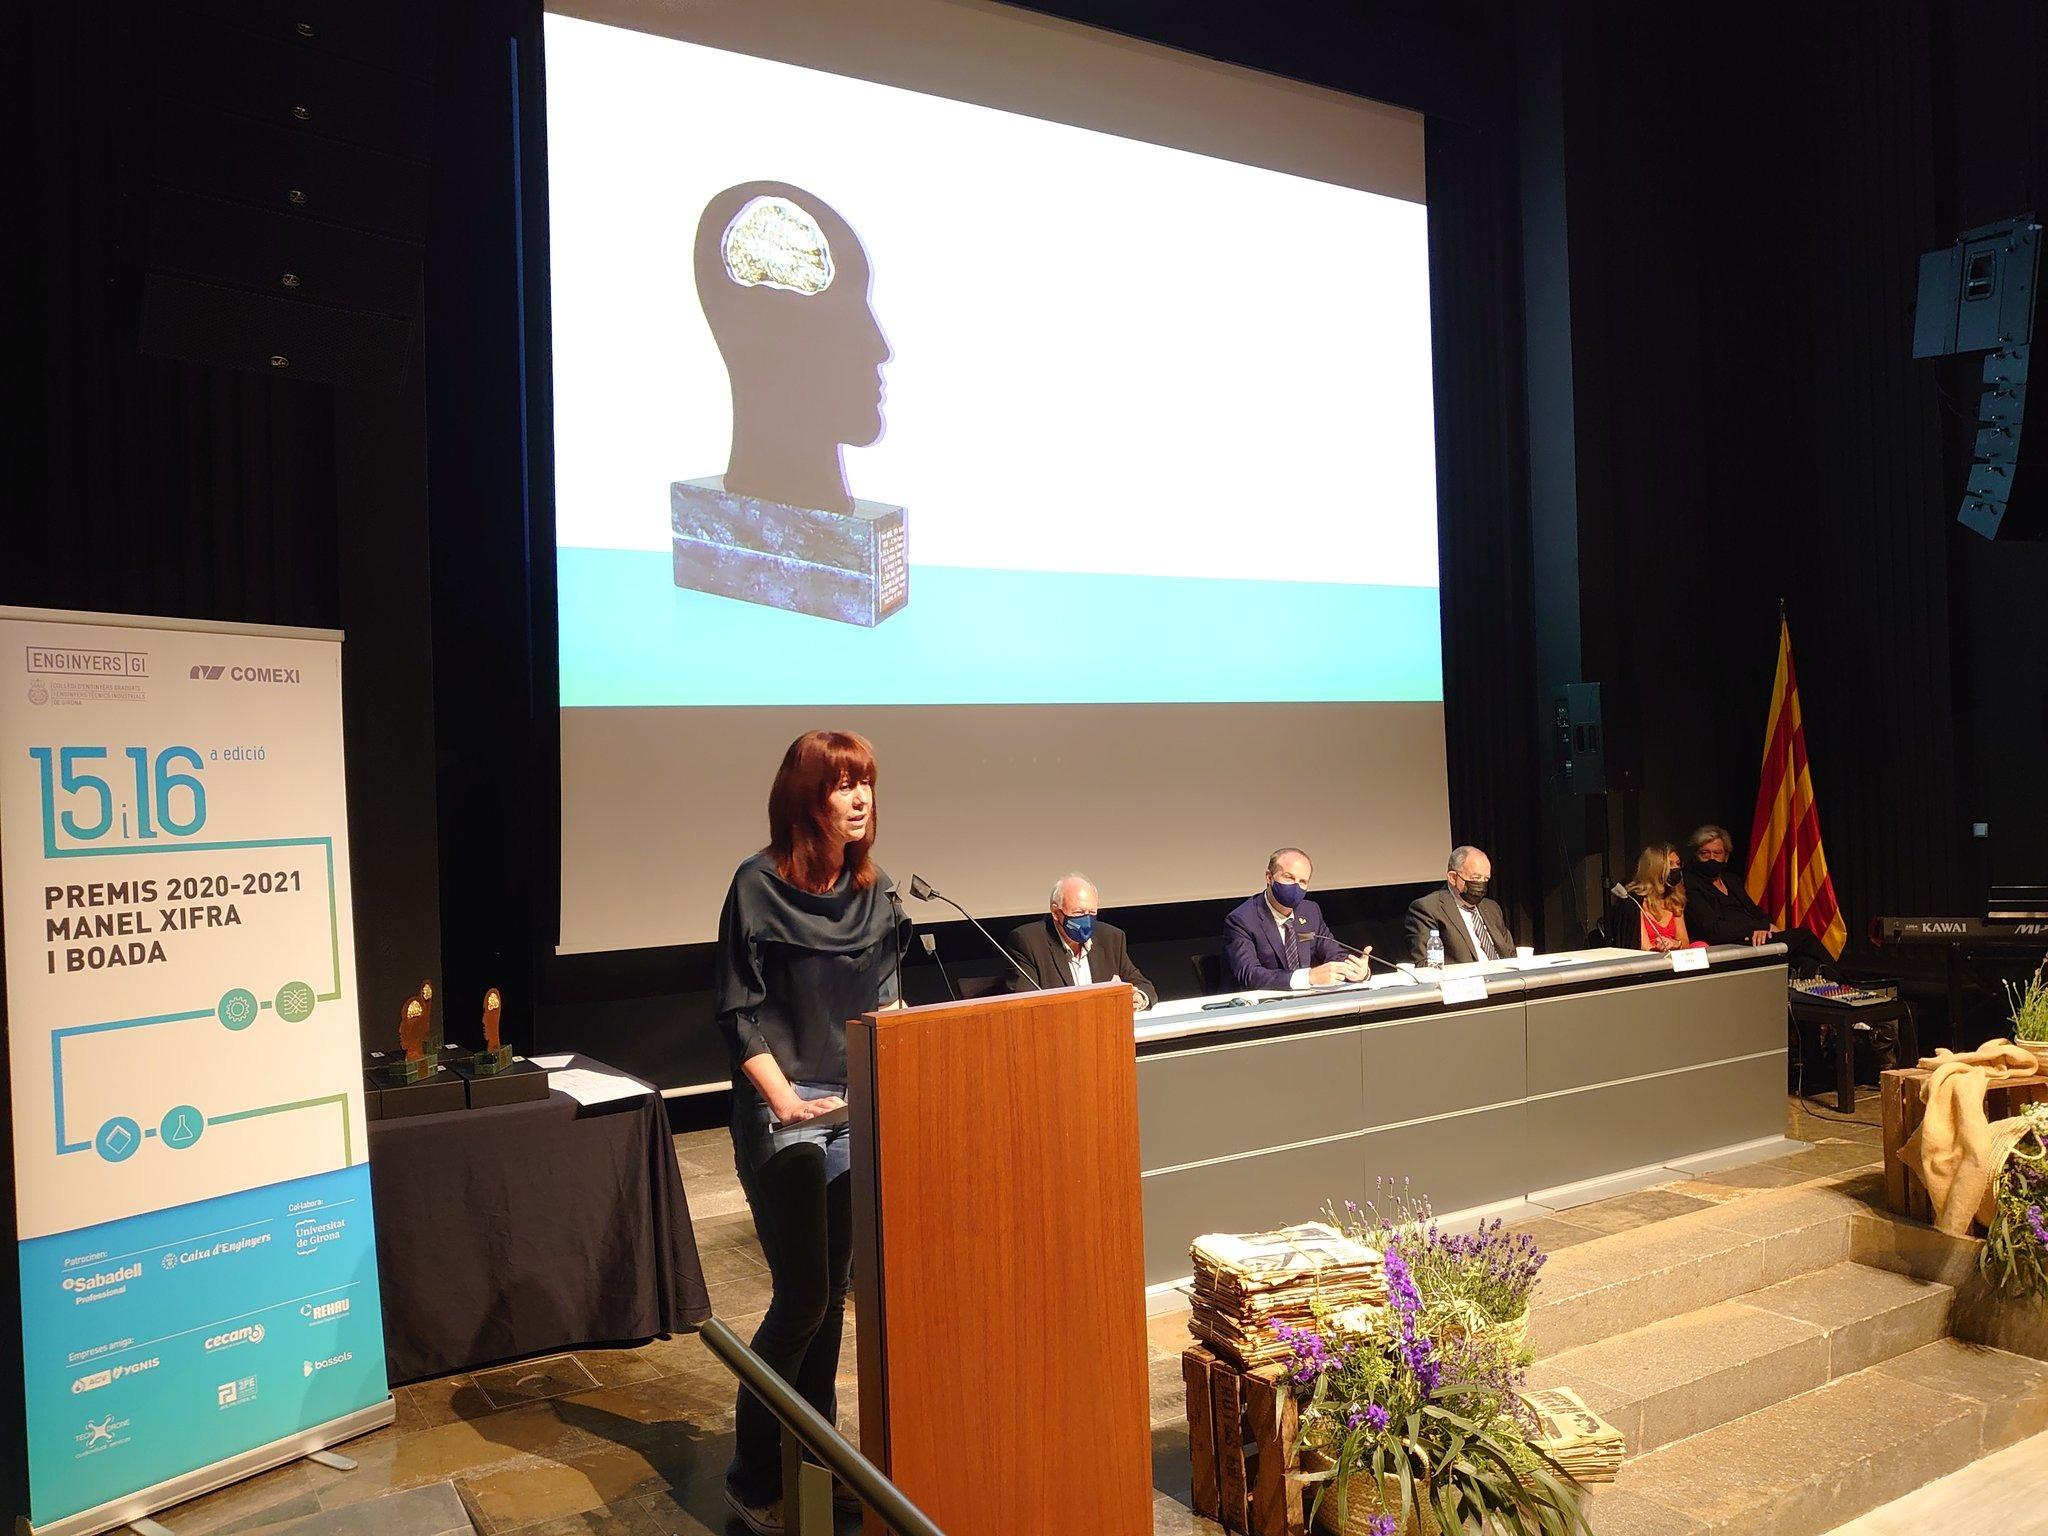 L'alcaldessa de Girona ha estat present als premis Manel Xifra i Boada